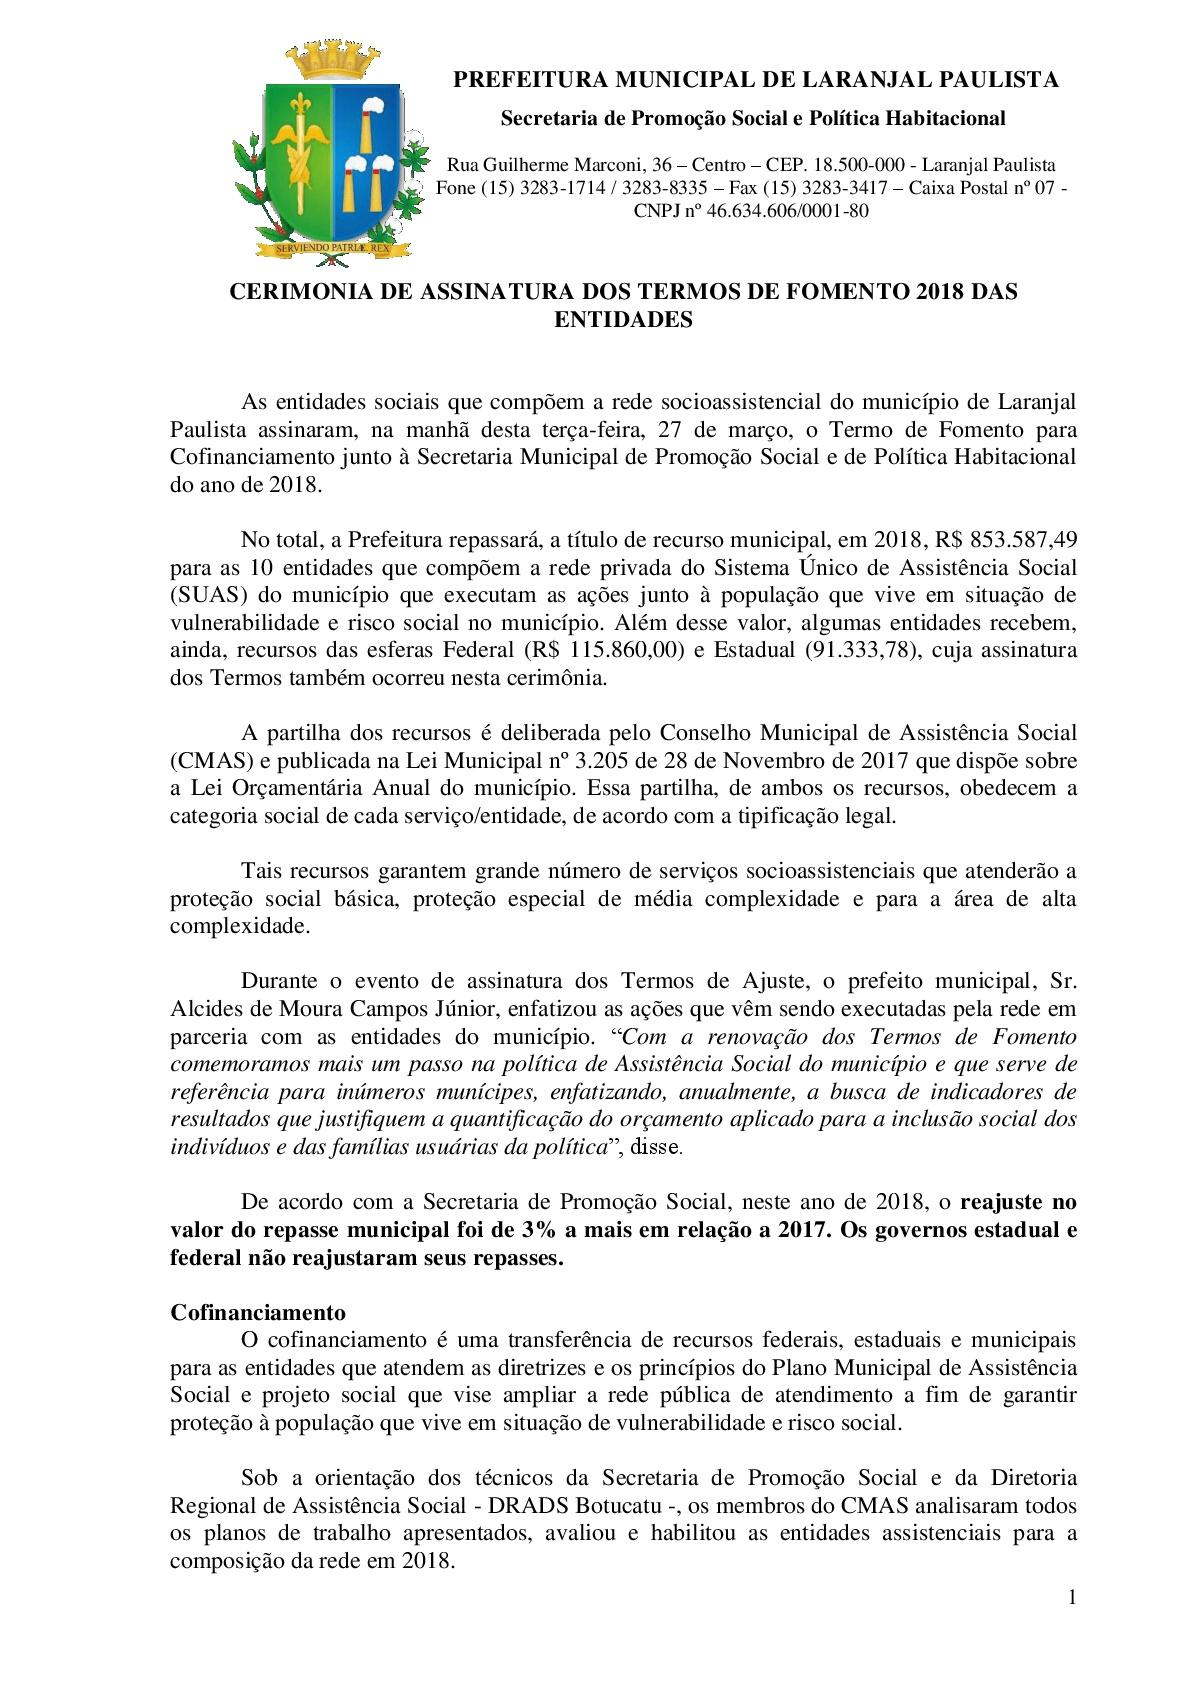 CERIMÔNIA DE ASSINATURA DOS TERMOS DE FOMENTO 2018 DAS ENTIDADES